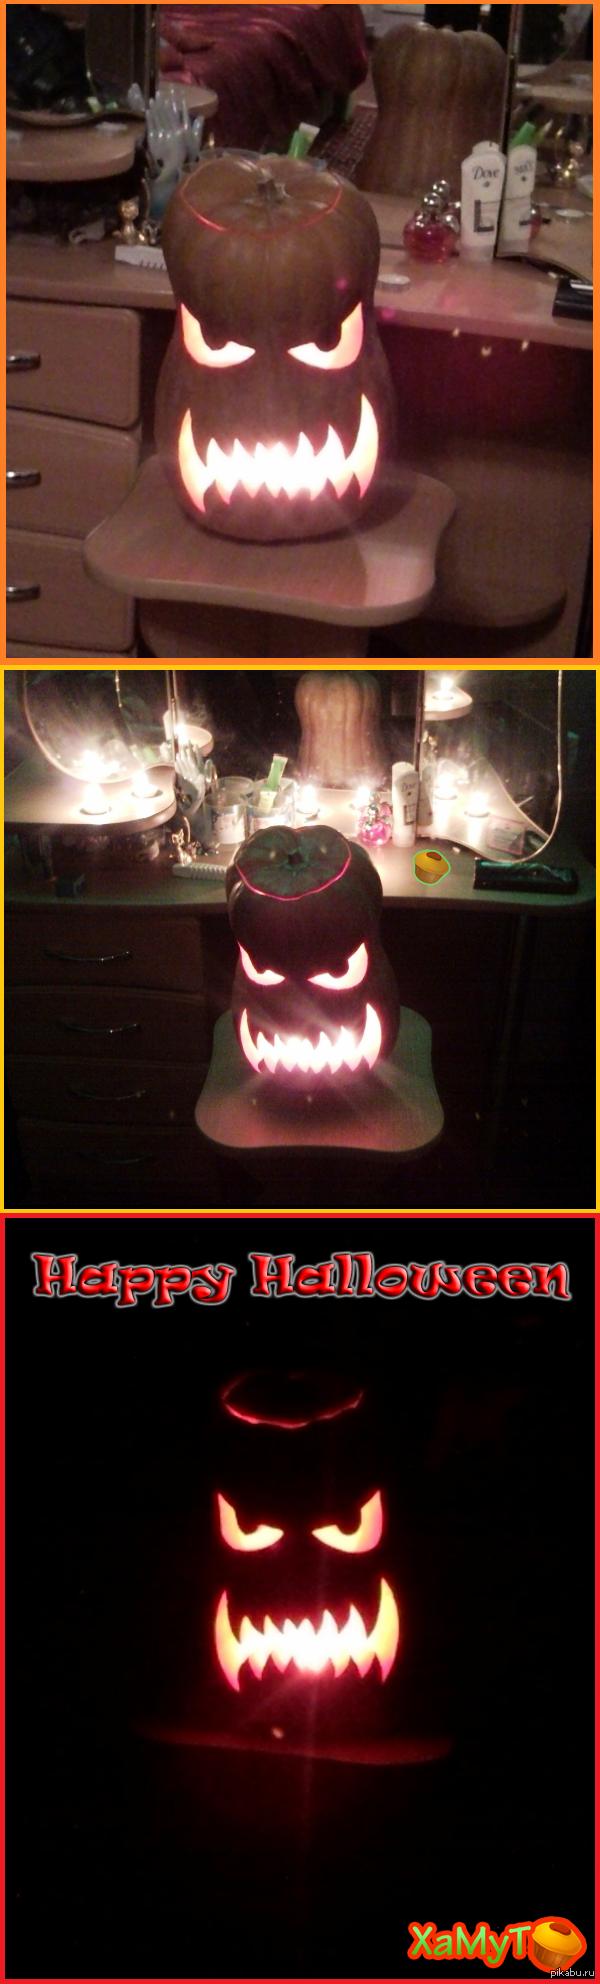 Первая тыква Вот вам моя первая тыква для хеллоуина. Решил попробовать, в итоге самым сложным оказалось найти подходящую тыкву